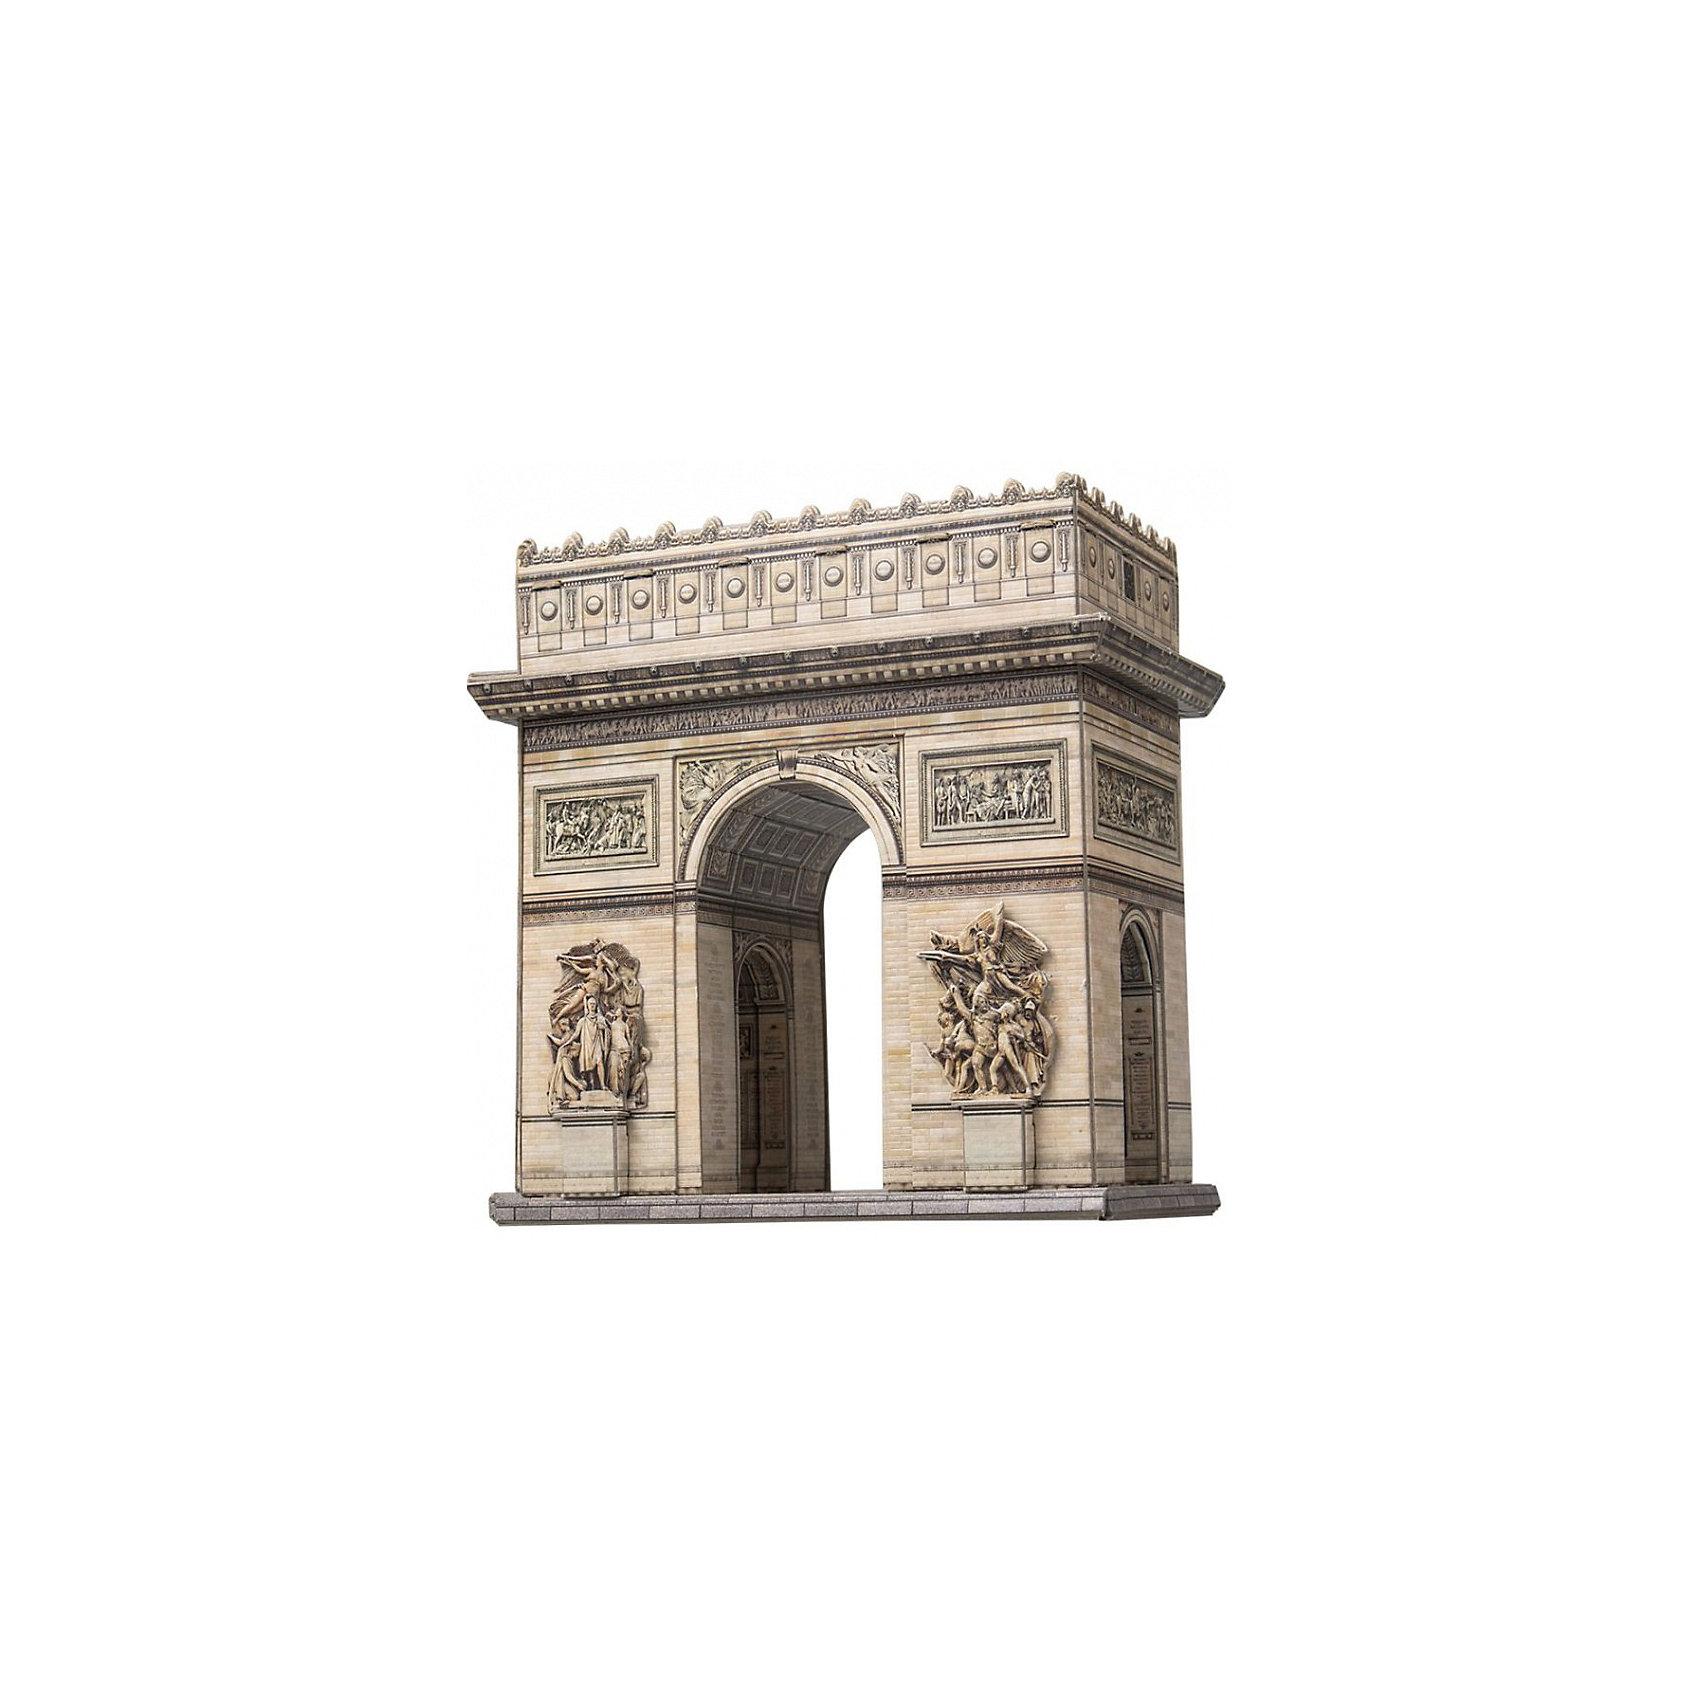 Сборная модель Триумфальная аркаБумажные модели<br>Триумфальная арка - Сборная модель из картона. Серия: Масштабные модели. Количество деталей, шт: 44. Размер в собранном виде, см: 16 x 9 x 17,5. Размер упаковки, мм.:  высота 310 ширина 220 глубина 22. Тип упаковки: Картонная коробка. Вес, гр.: 267. Возраст: от 9 лет. Все модели и игрушки, созданные по технологии УМНАЯ БУМАГА собираются без ножниц и клея, что является их неповторимой особенностью.<br>Принцип соединения деталей запатентован. Соединения деталей продуманы и просчитаны с такой точностью, что при правильной сборке с моделью можно играть, как с обычной игрушкой.<br><br>Ширина мм: 220<br>Глубина мм: 22<br>Высота мм: 310<br>Вес г: 267<br>Возраст от месяцев: 84<br>Возраст до месяцев: 2147483647<br>Пол: Унисекс<br>Возраст: Детский<br>SKU: 4807489